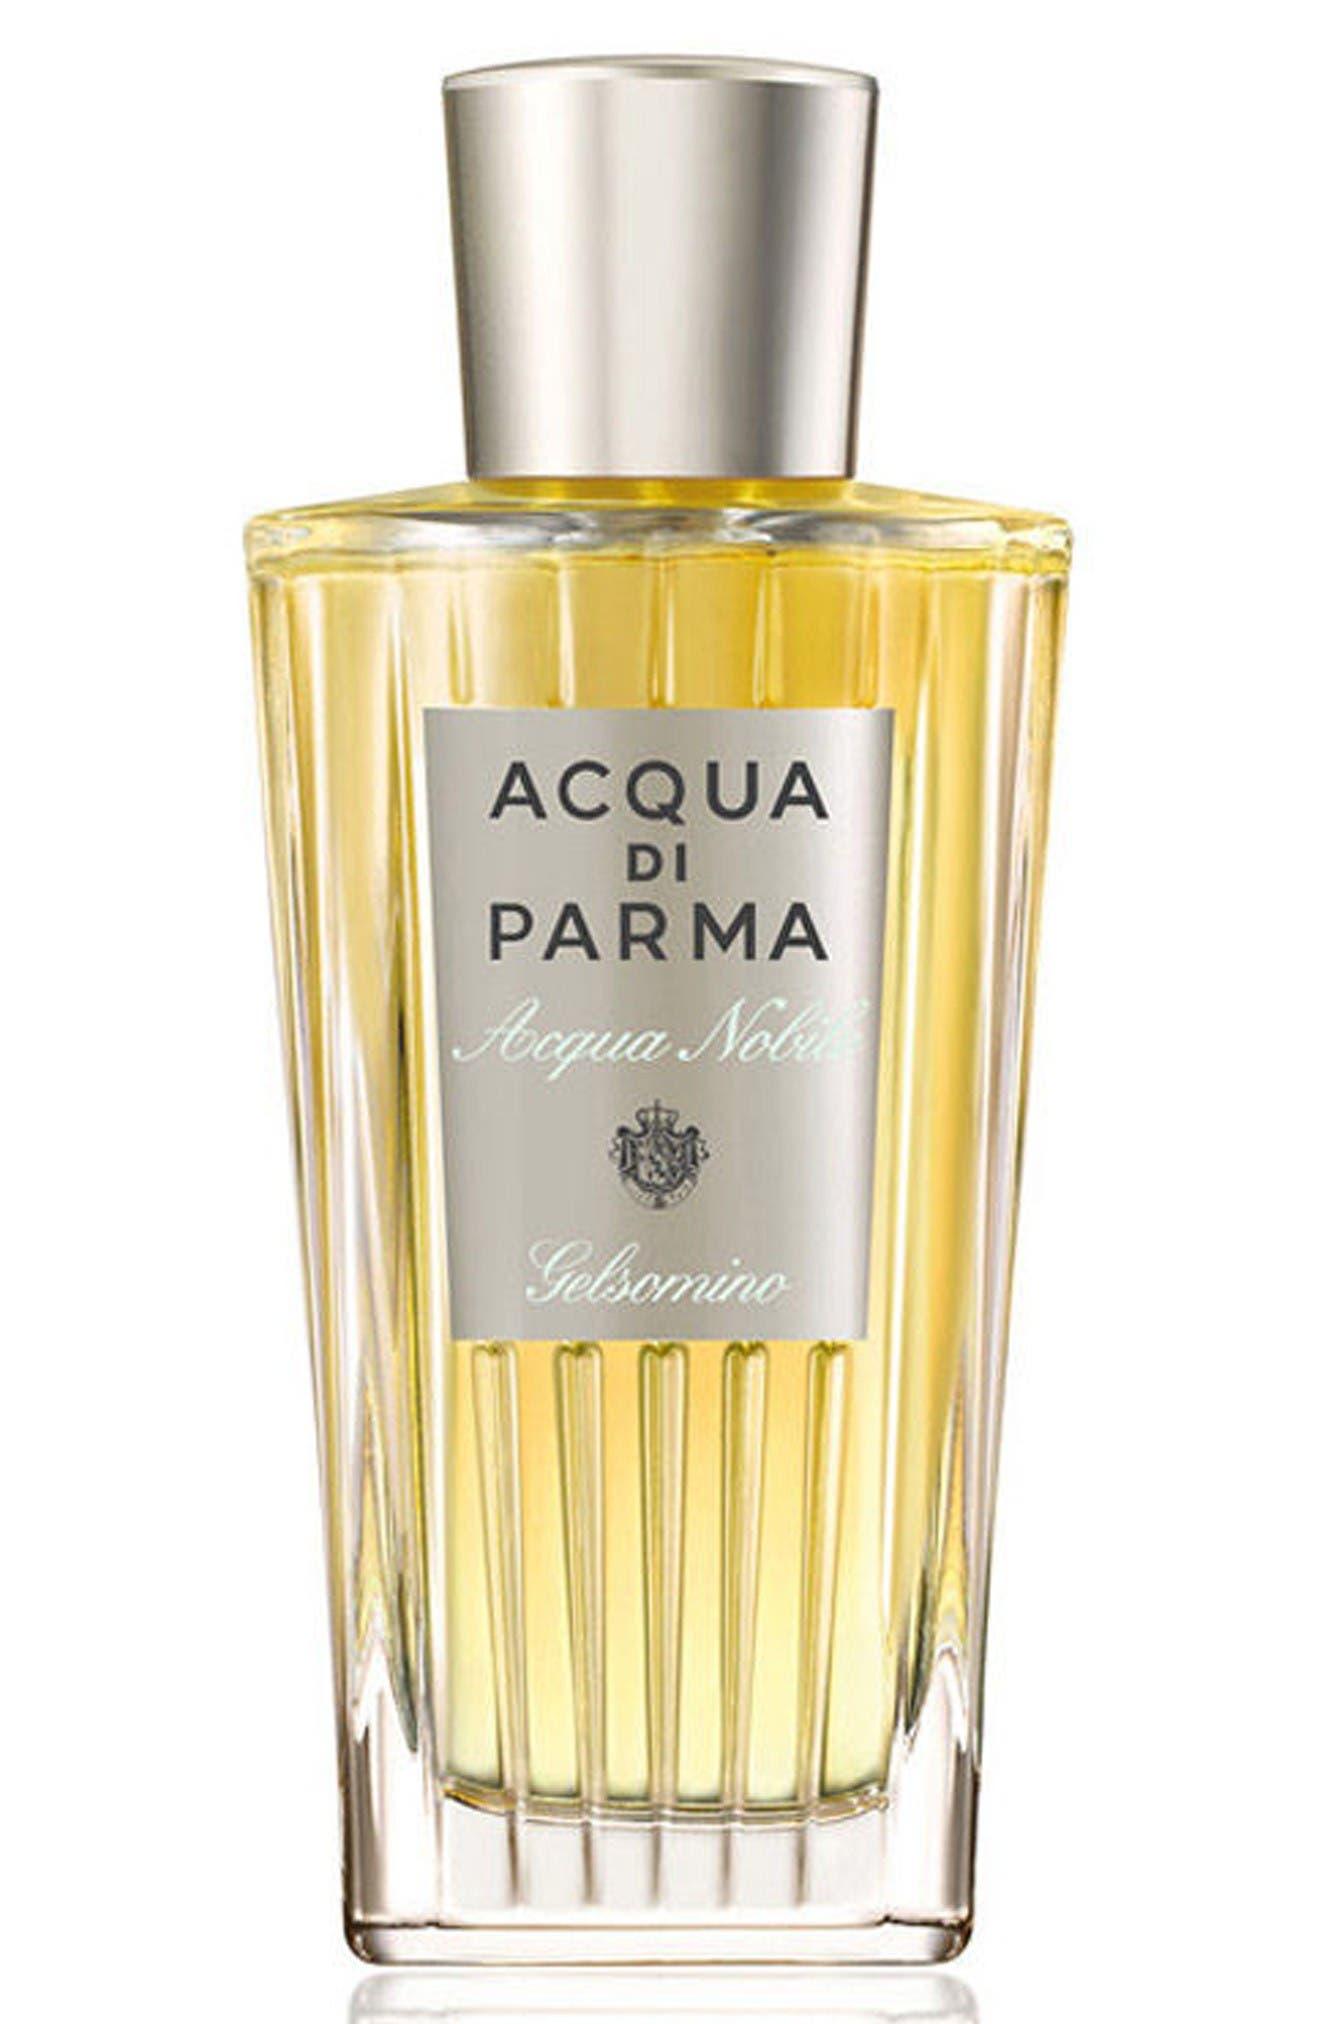 Acqua di Parma Acqua Nobili Gelsomino Fragrance